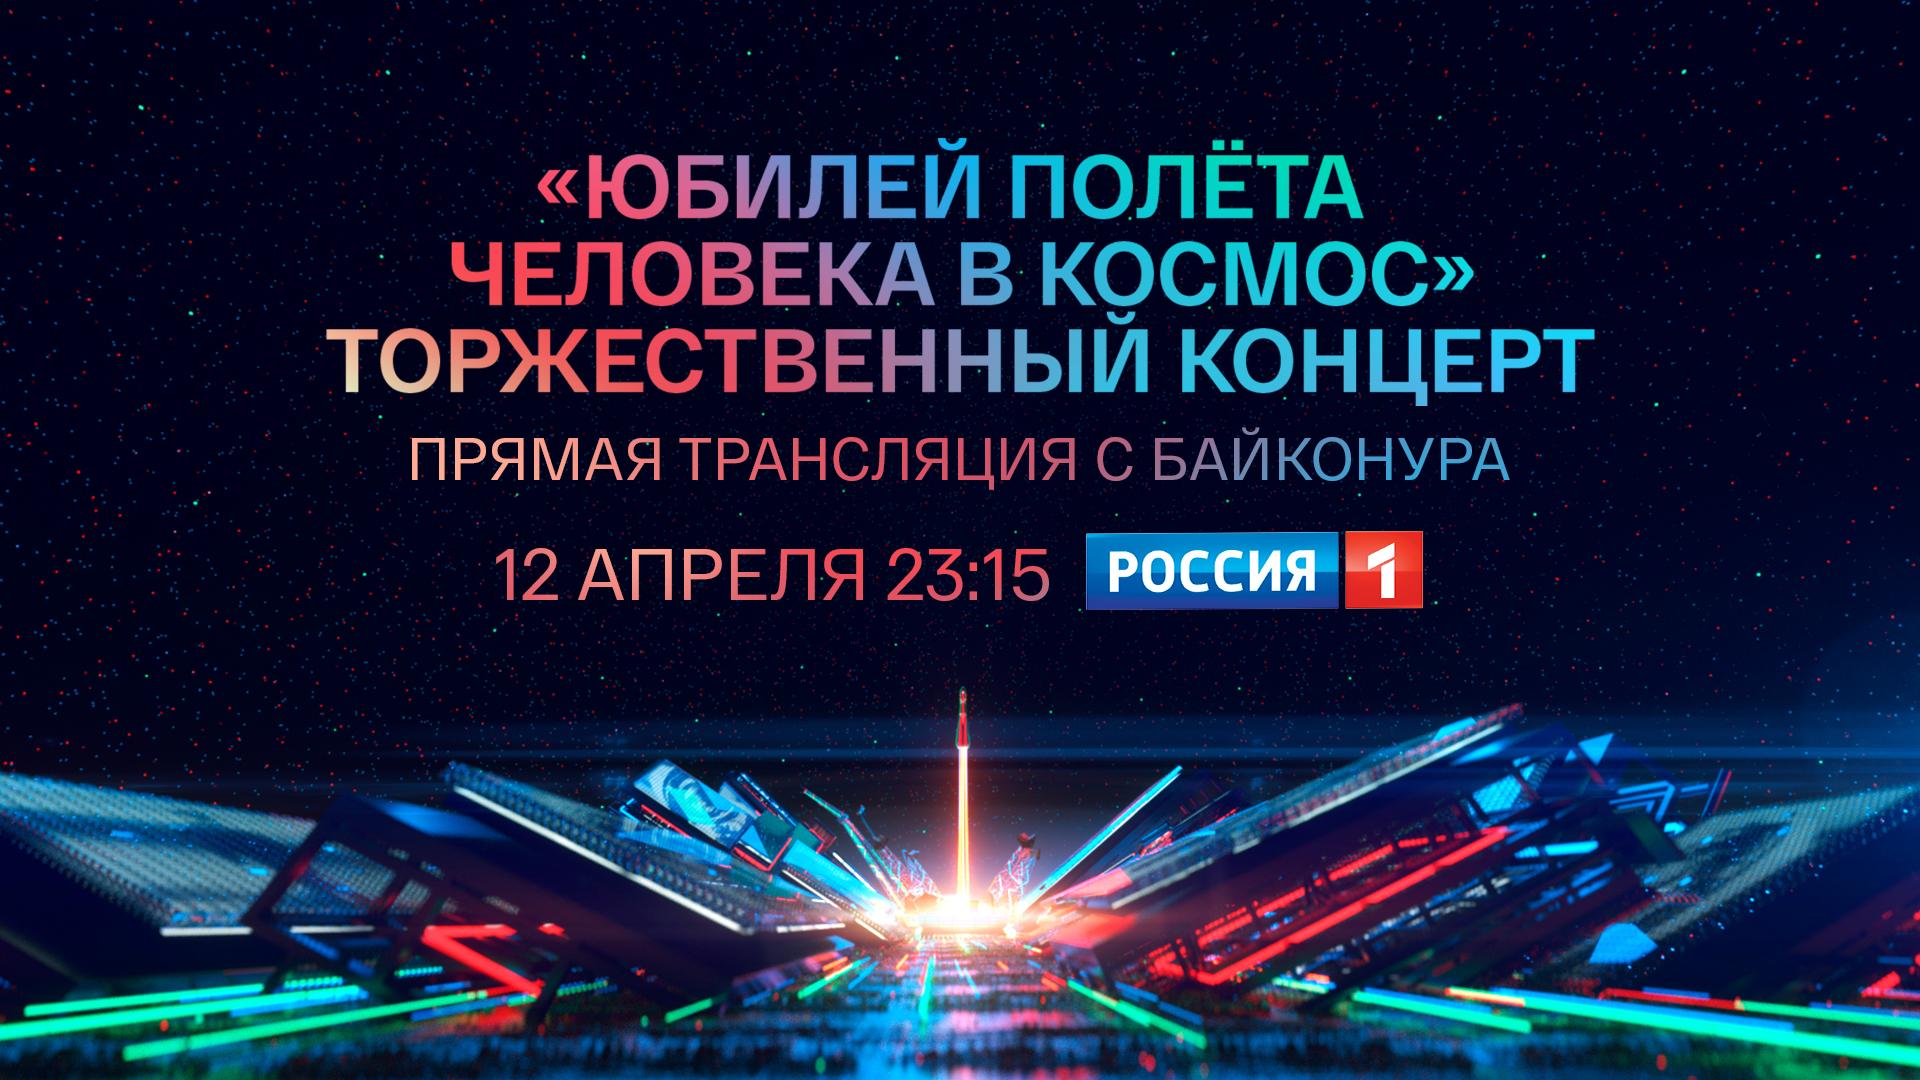 Юбилей полета в космос: концерт на Байконуре и грандиозное шоу в прямом эфире